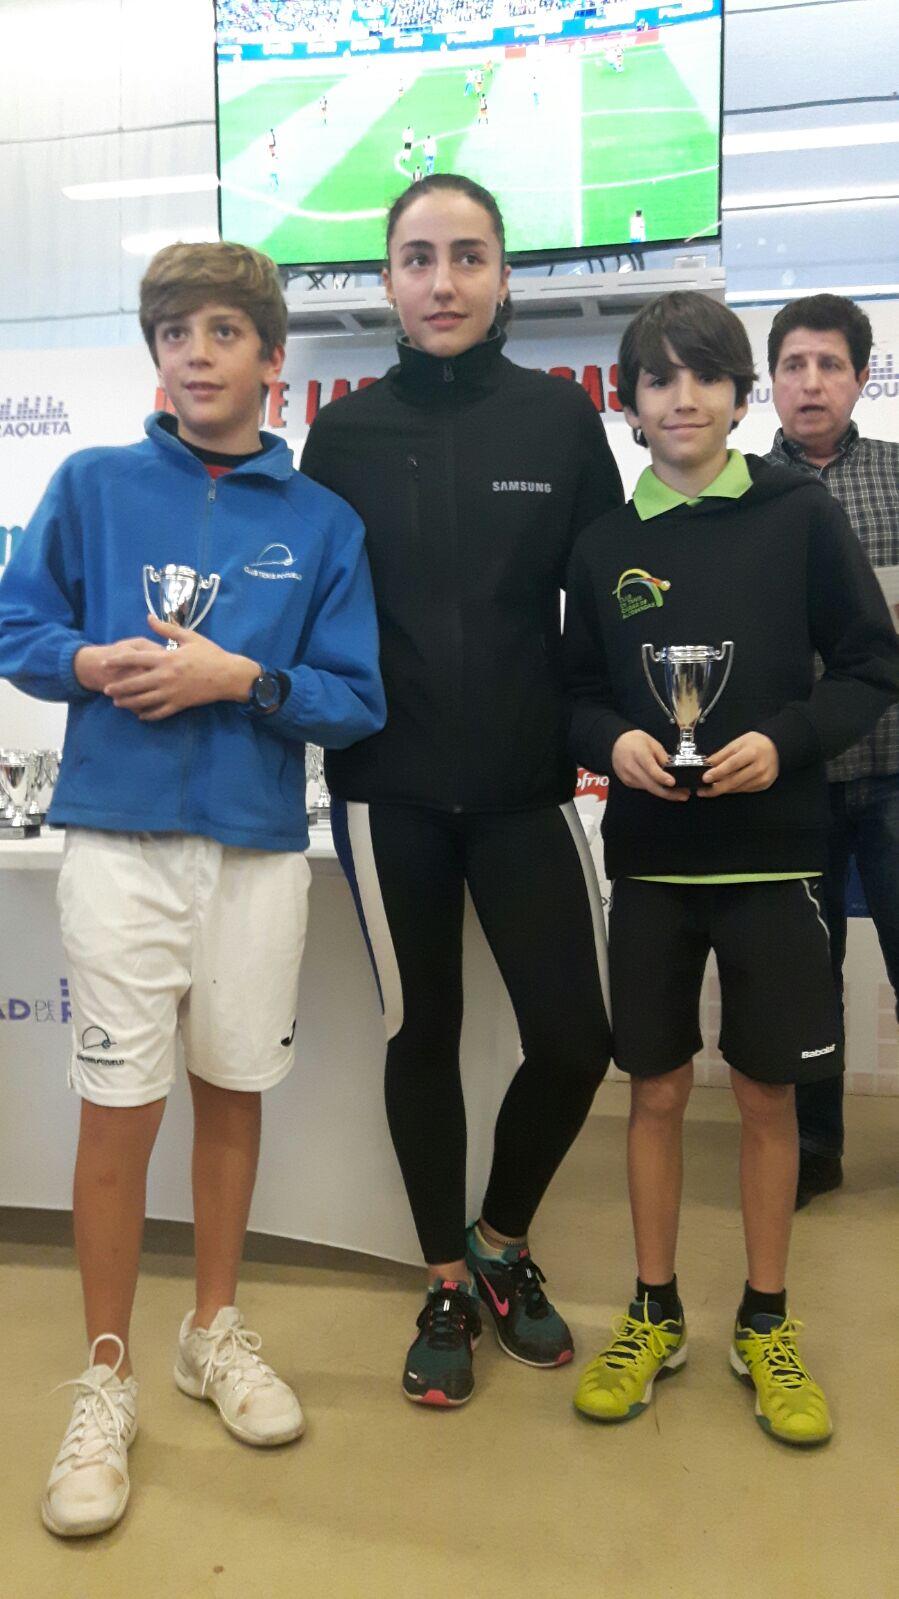 Hugo Sanz Campeón Ciudad Raqueta Febrero 2017 (2)